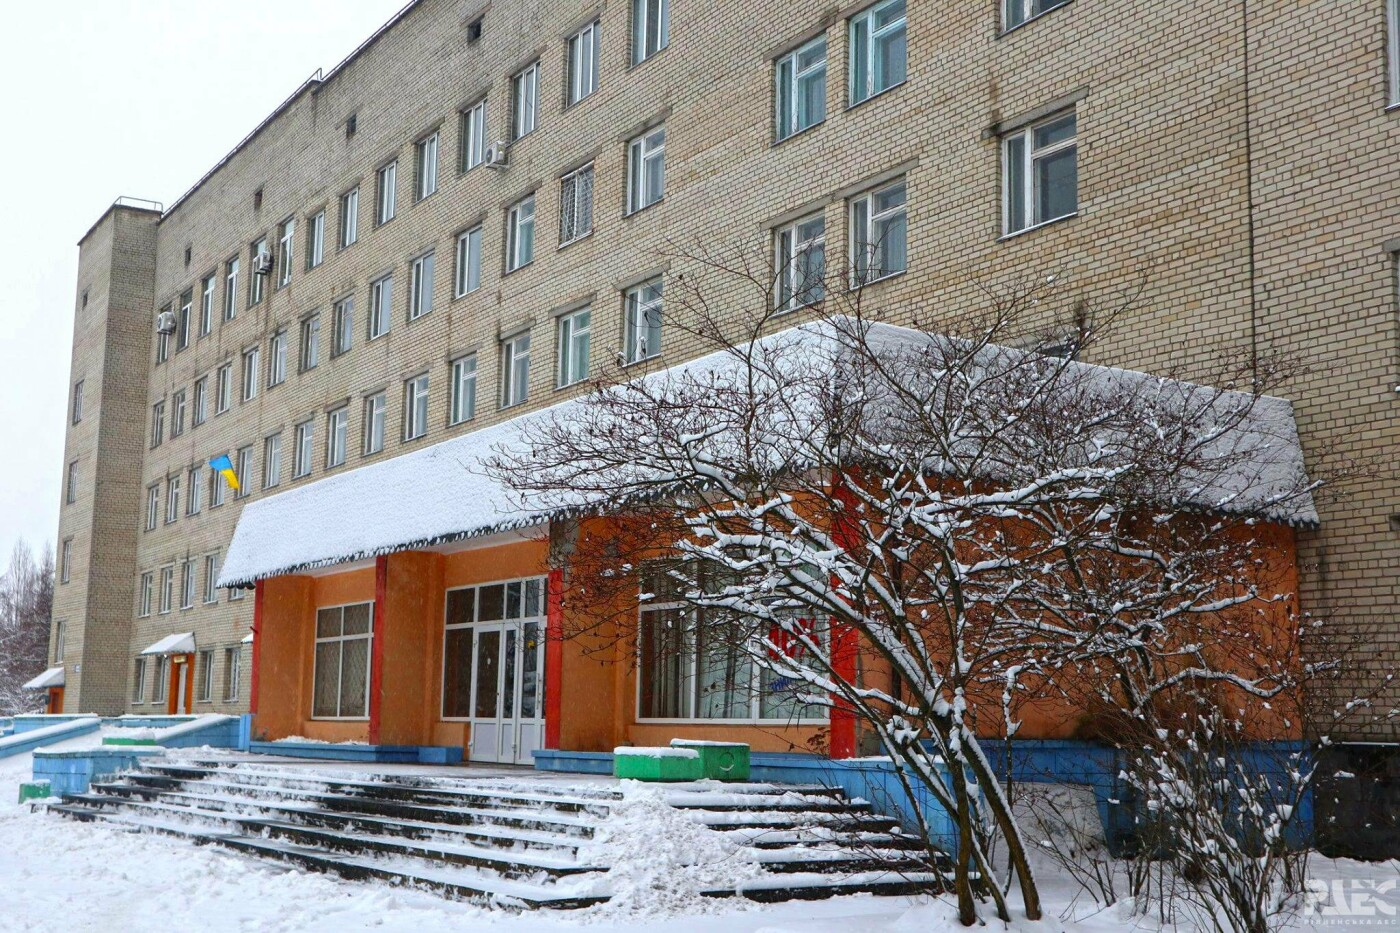 Рівненська АЕС виготовлятиме медичний кисень для допомоги у боротьбі з Covid-19, фото-4